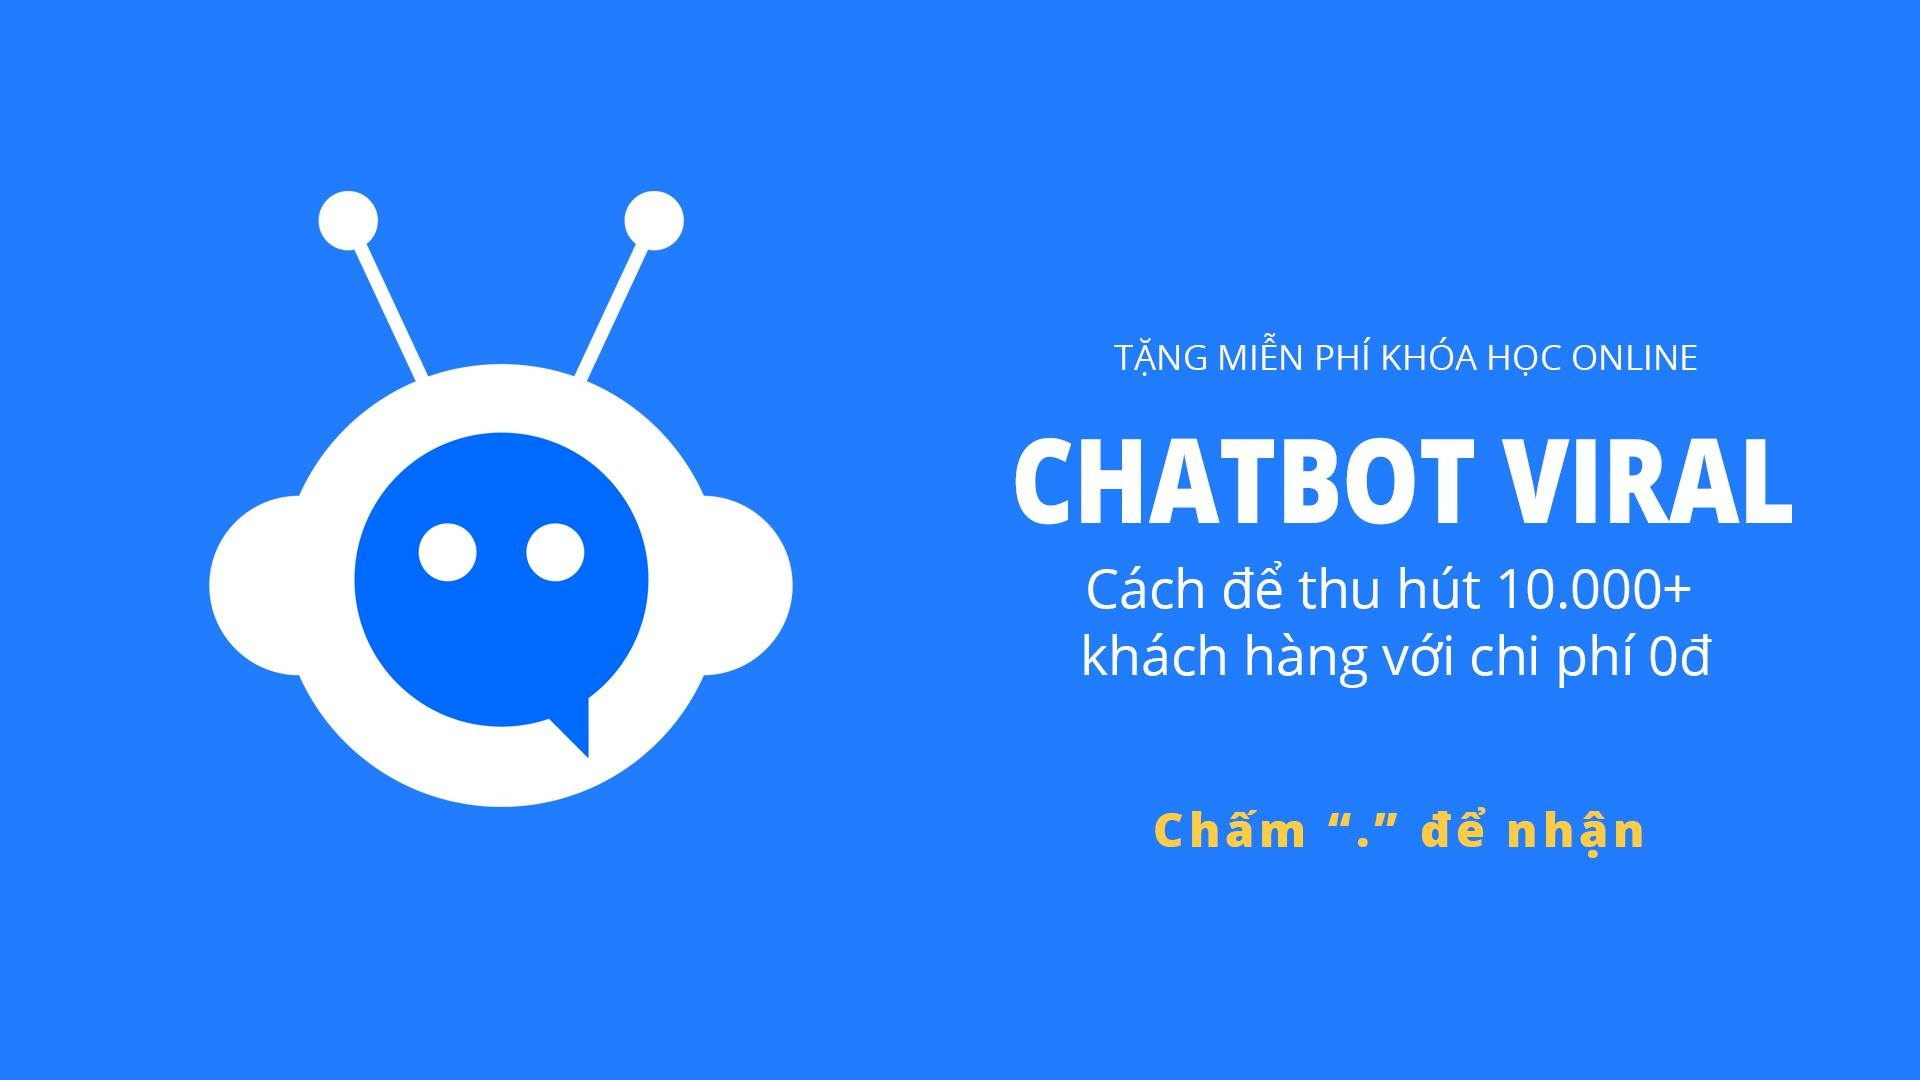 Fchat - Chatbot Facebook MessengerMarketing (@fchat) Cover Image